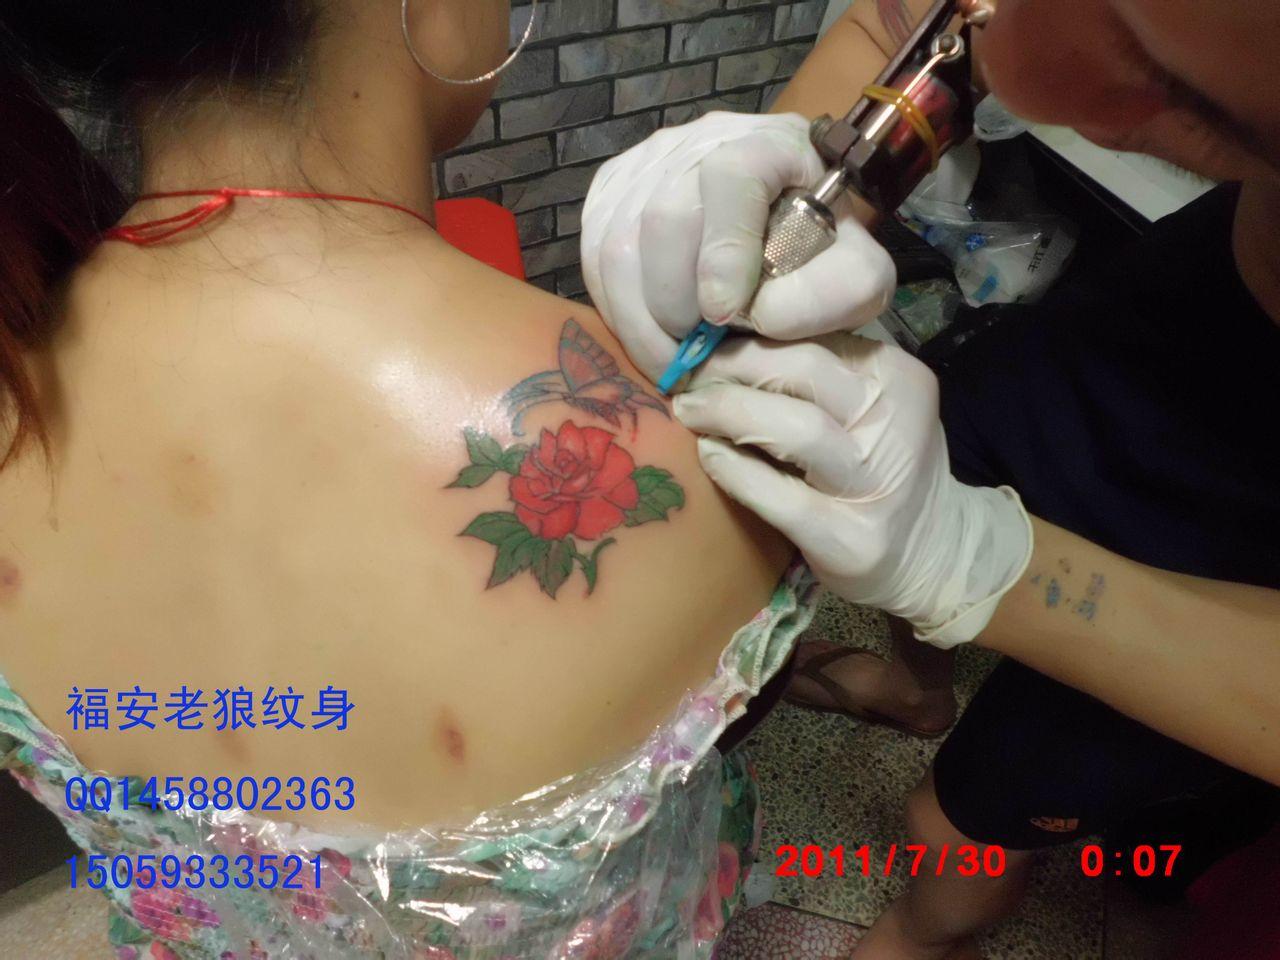 福安老狼纹身馆_福安吧图片